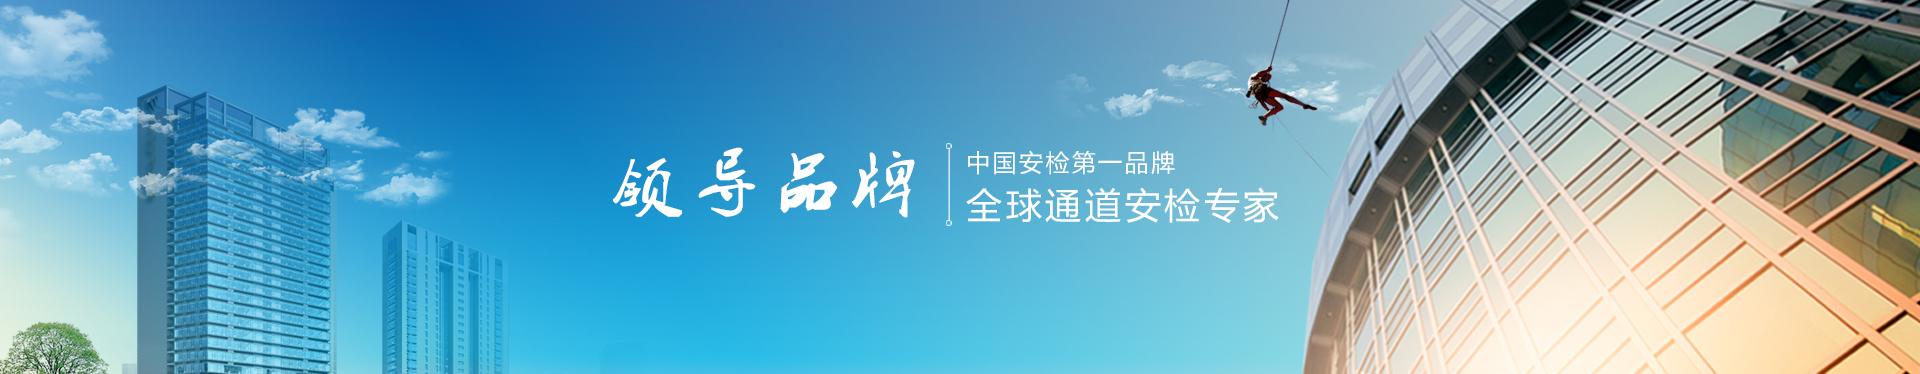 深圳市鑫源通电子有限企业海报图